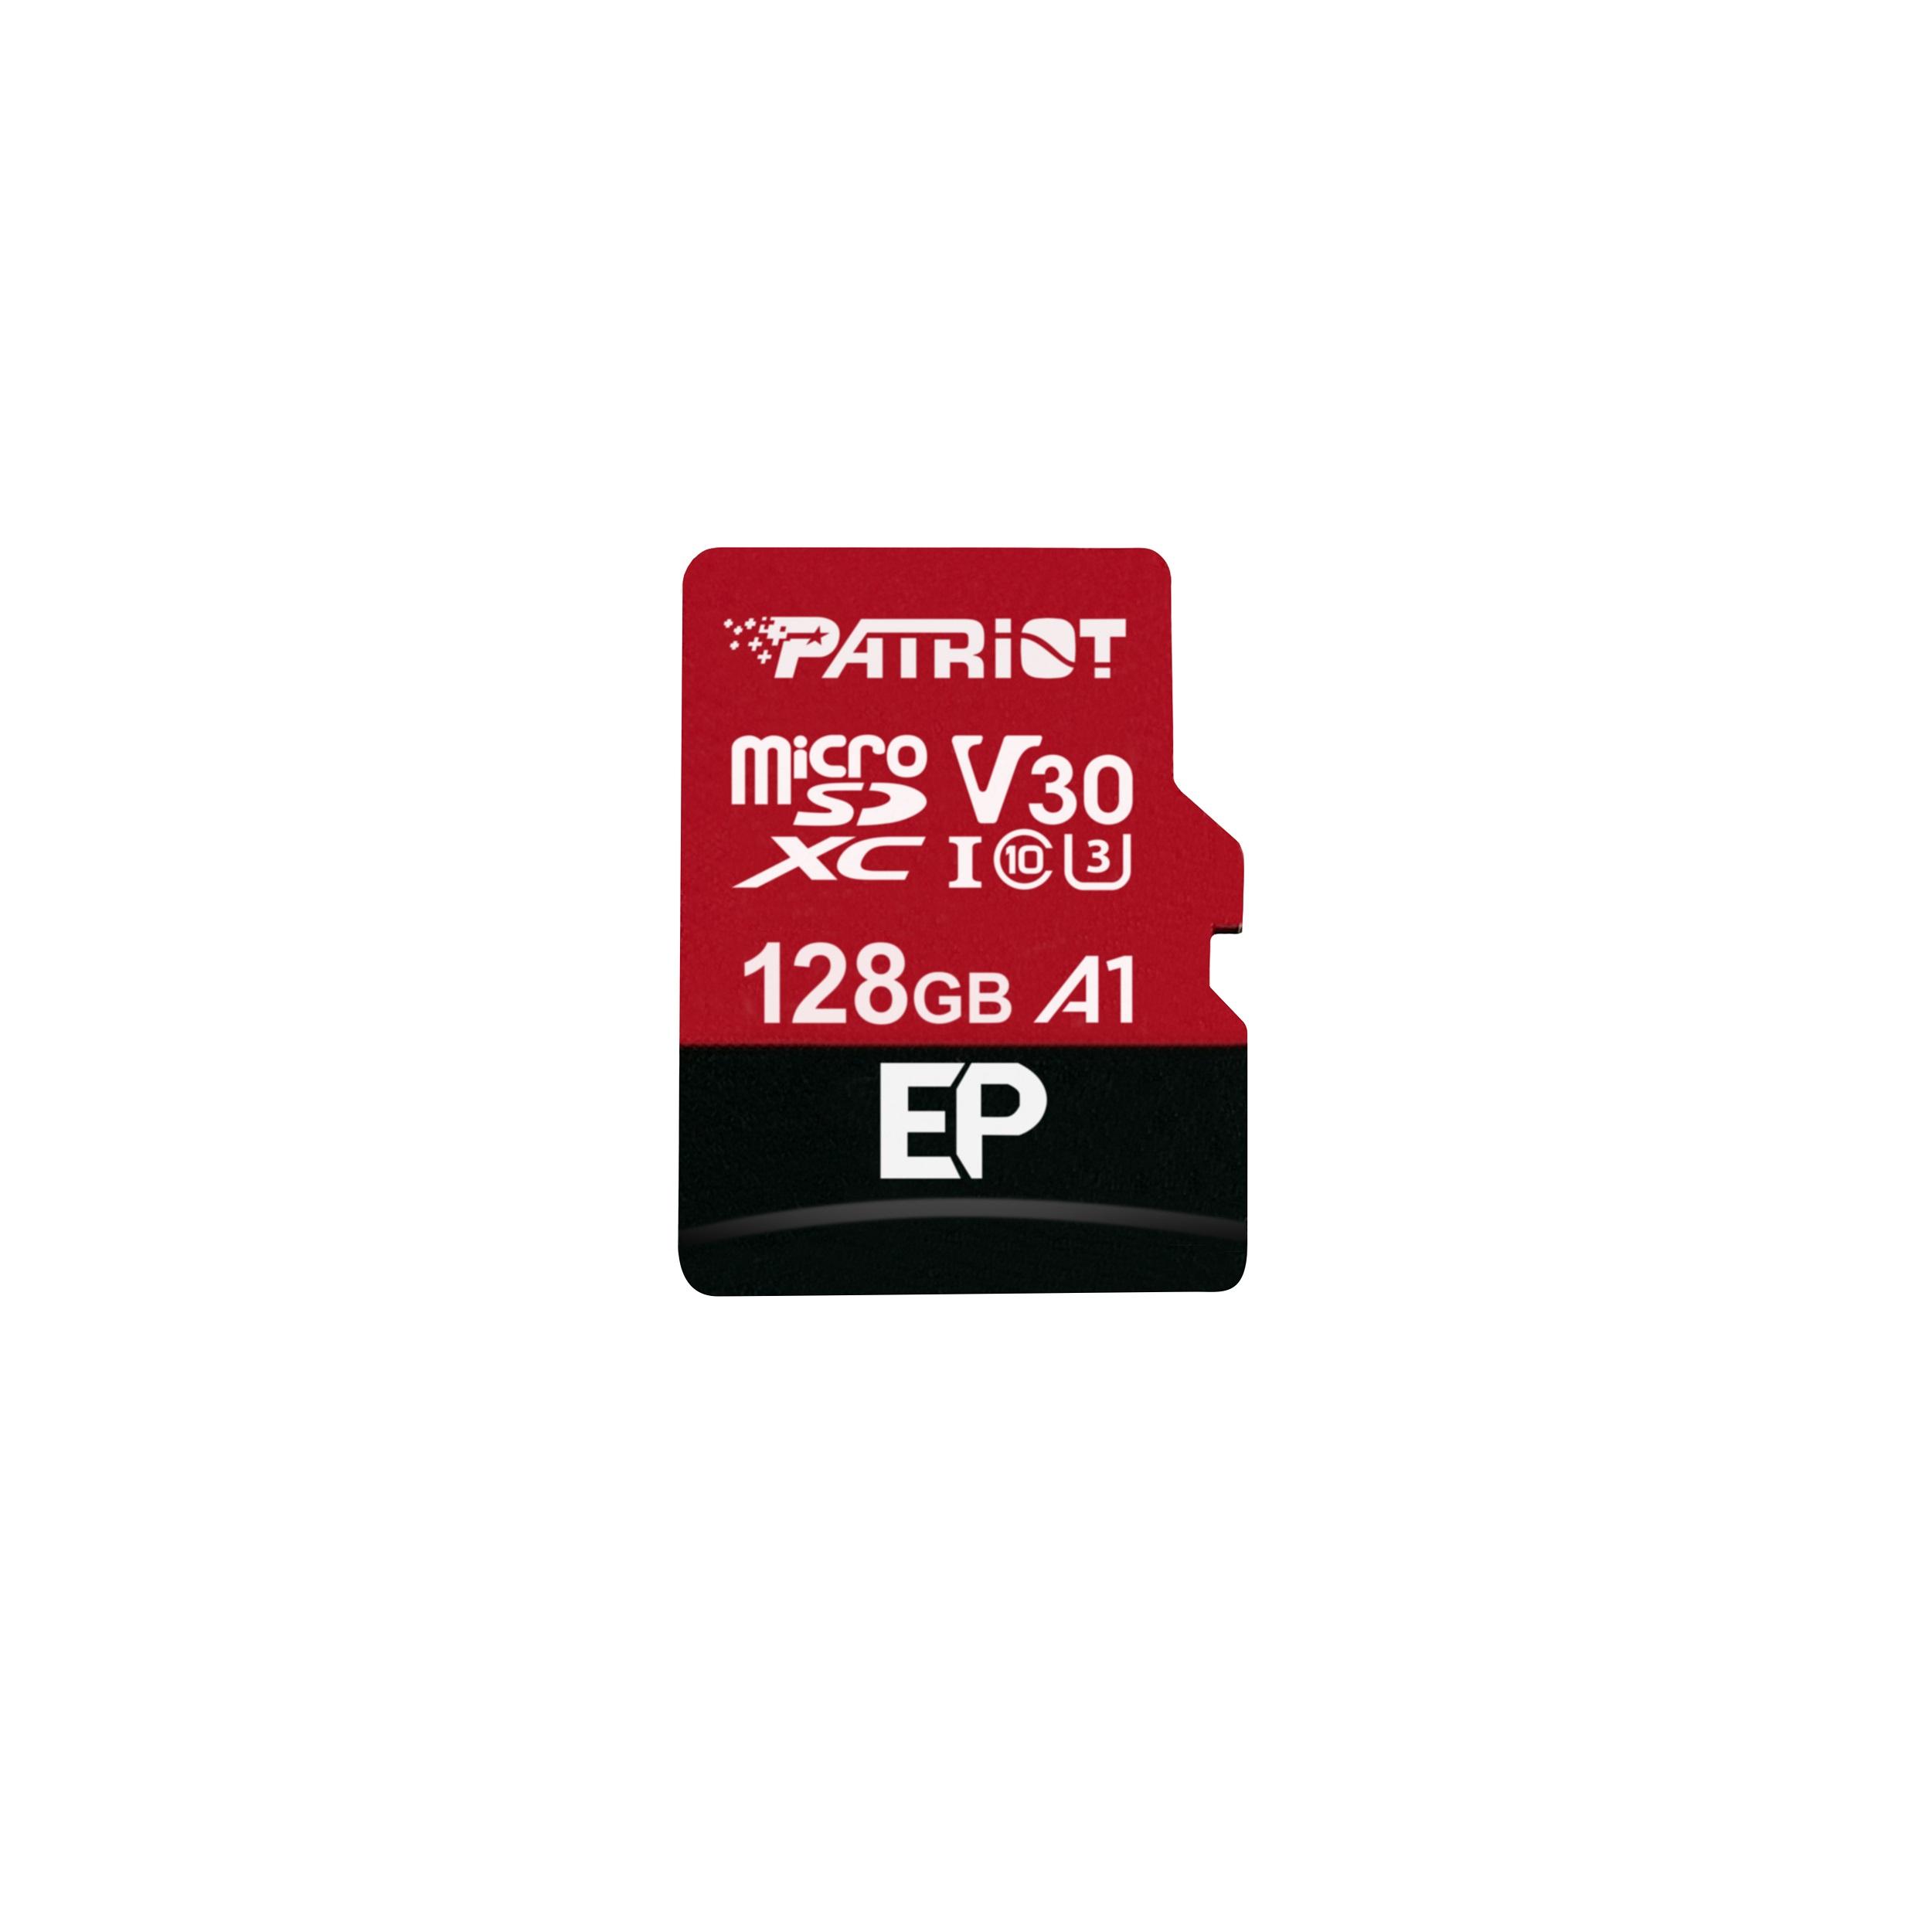 کارت حافظه microSDXC پتریوت مدل EP -V30 A1 ظرفیت 128 گیگابایت به همراه آداپتور